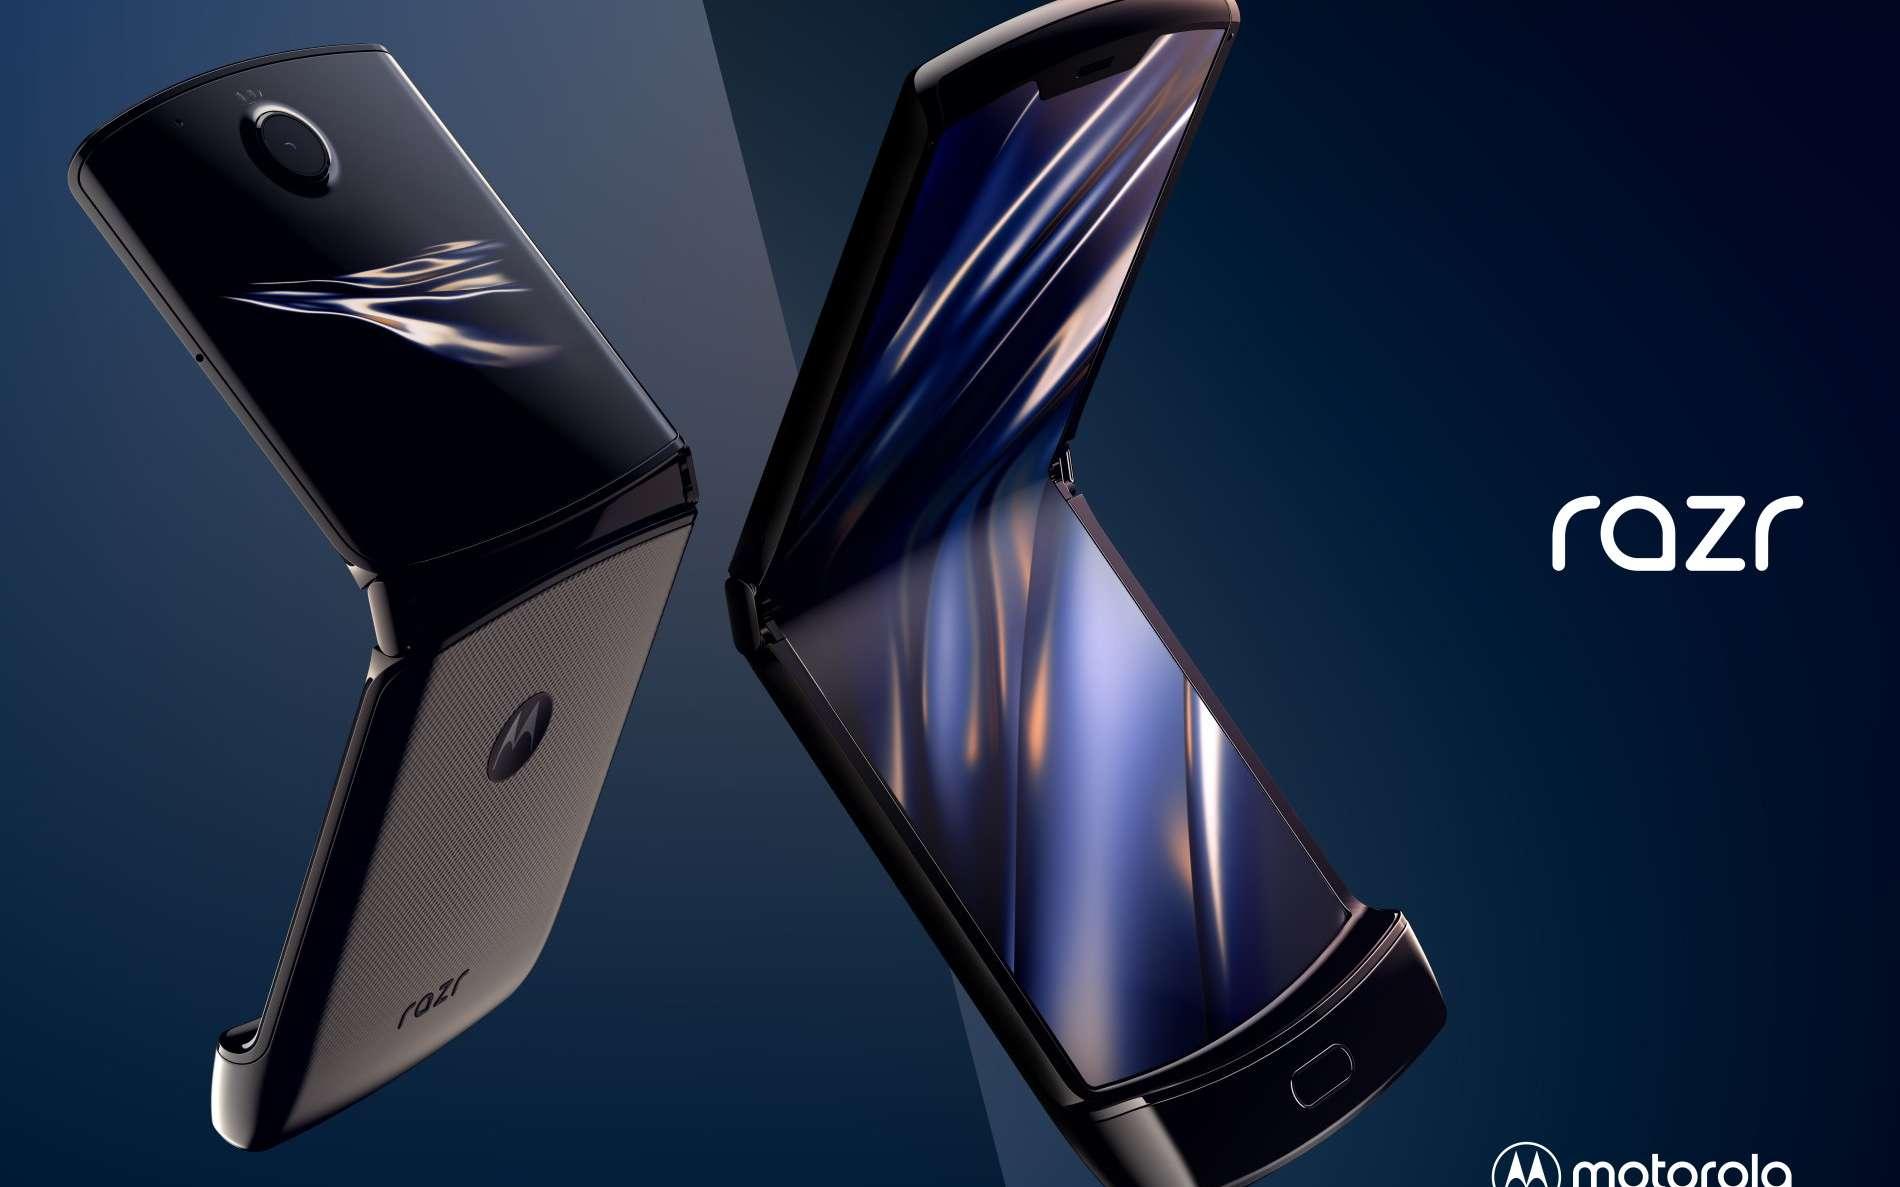 Le Razr s'est vendu à plusieurs dizaines de millions d'exemplaires. La version écran pliable aura-t-elle le même succès ? © Motorola